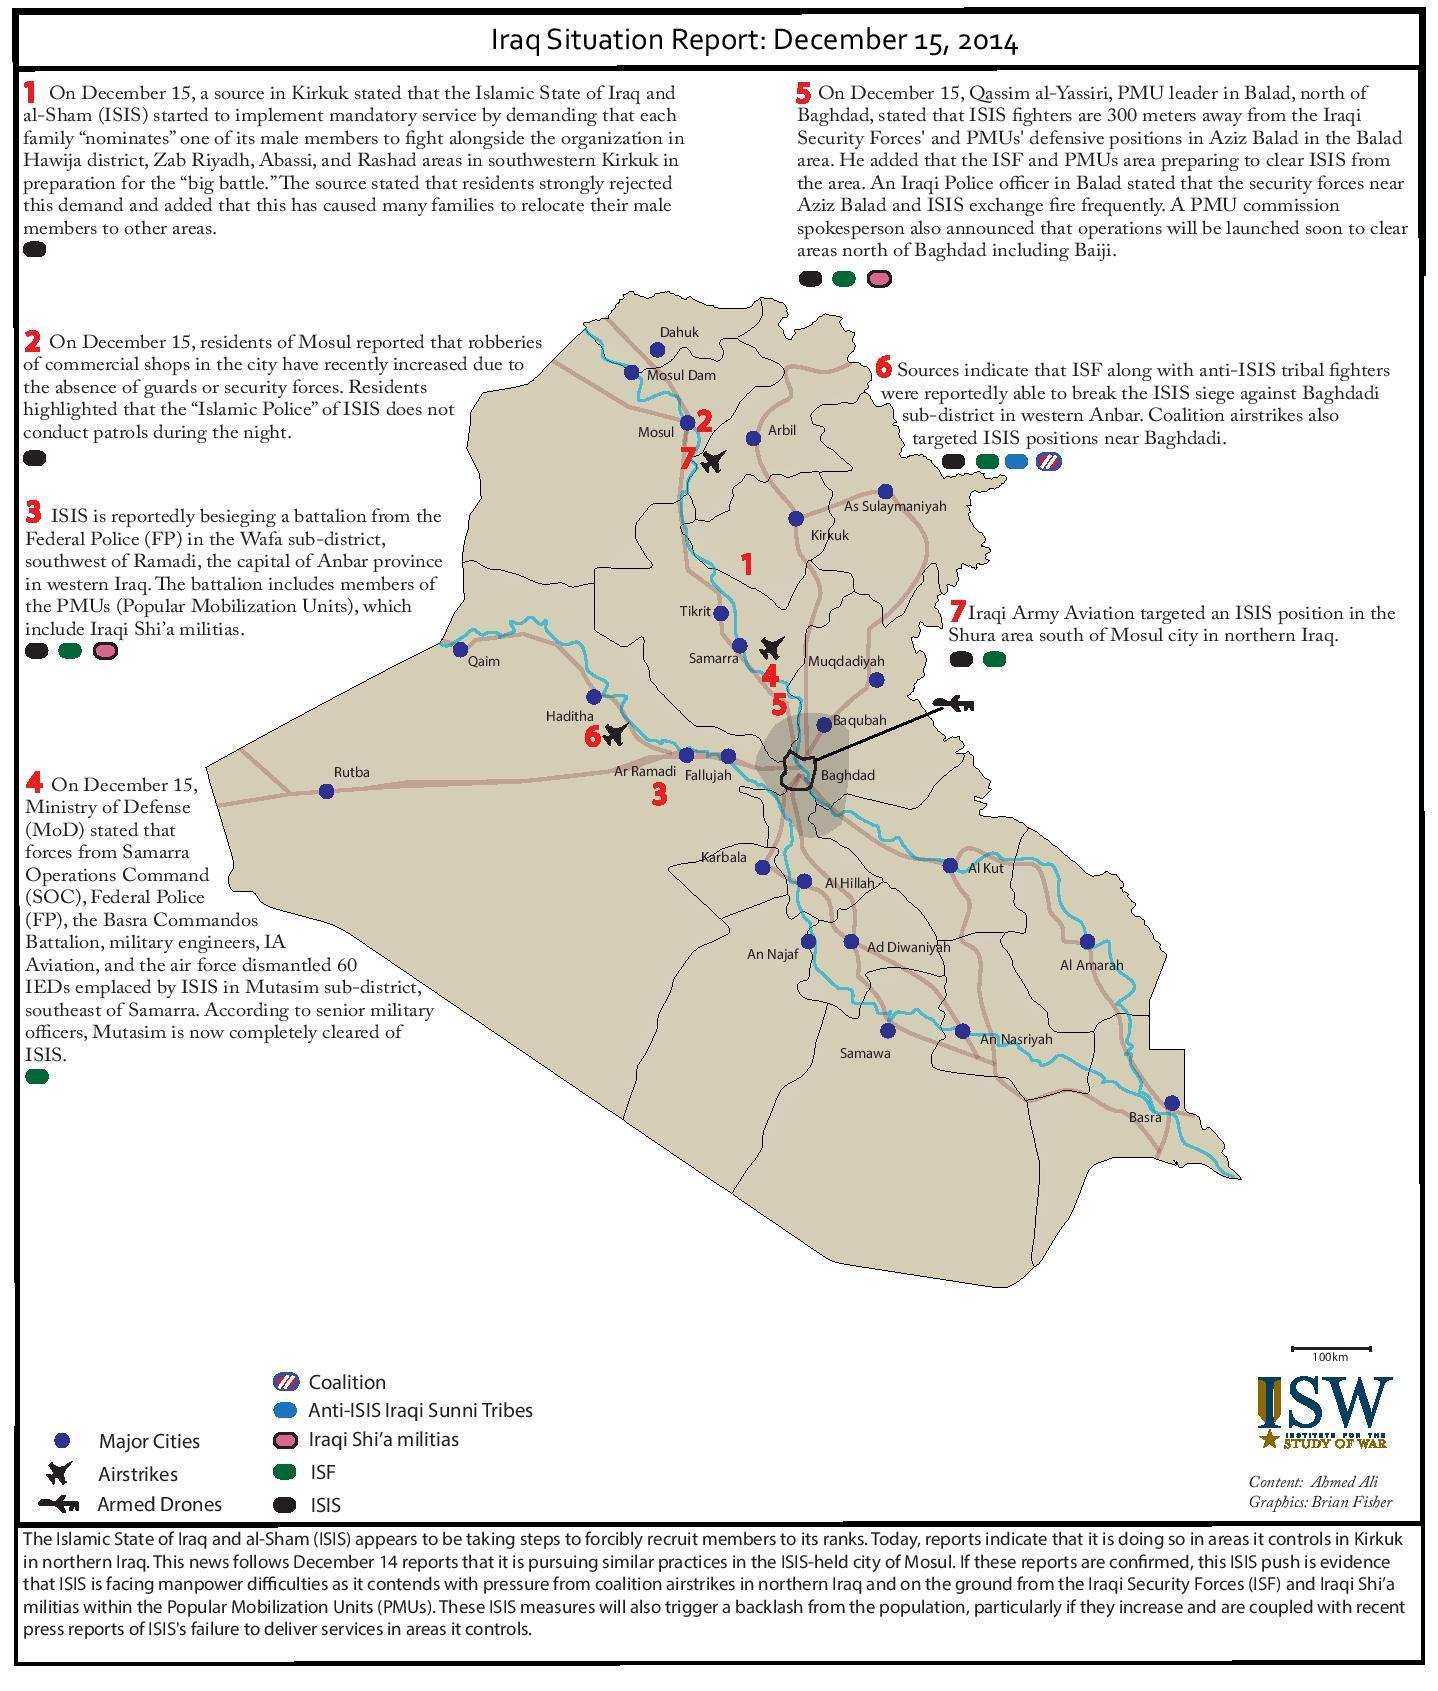 تقرير يكشف اوضاع العراق يوم 15 كانون الاول/ديسمبر 2014